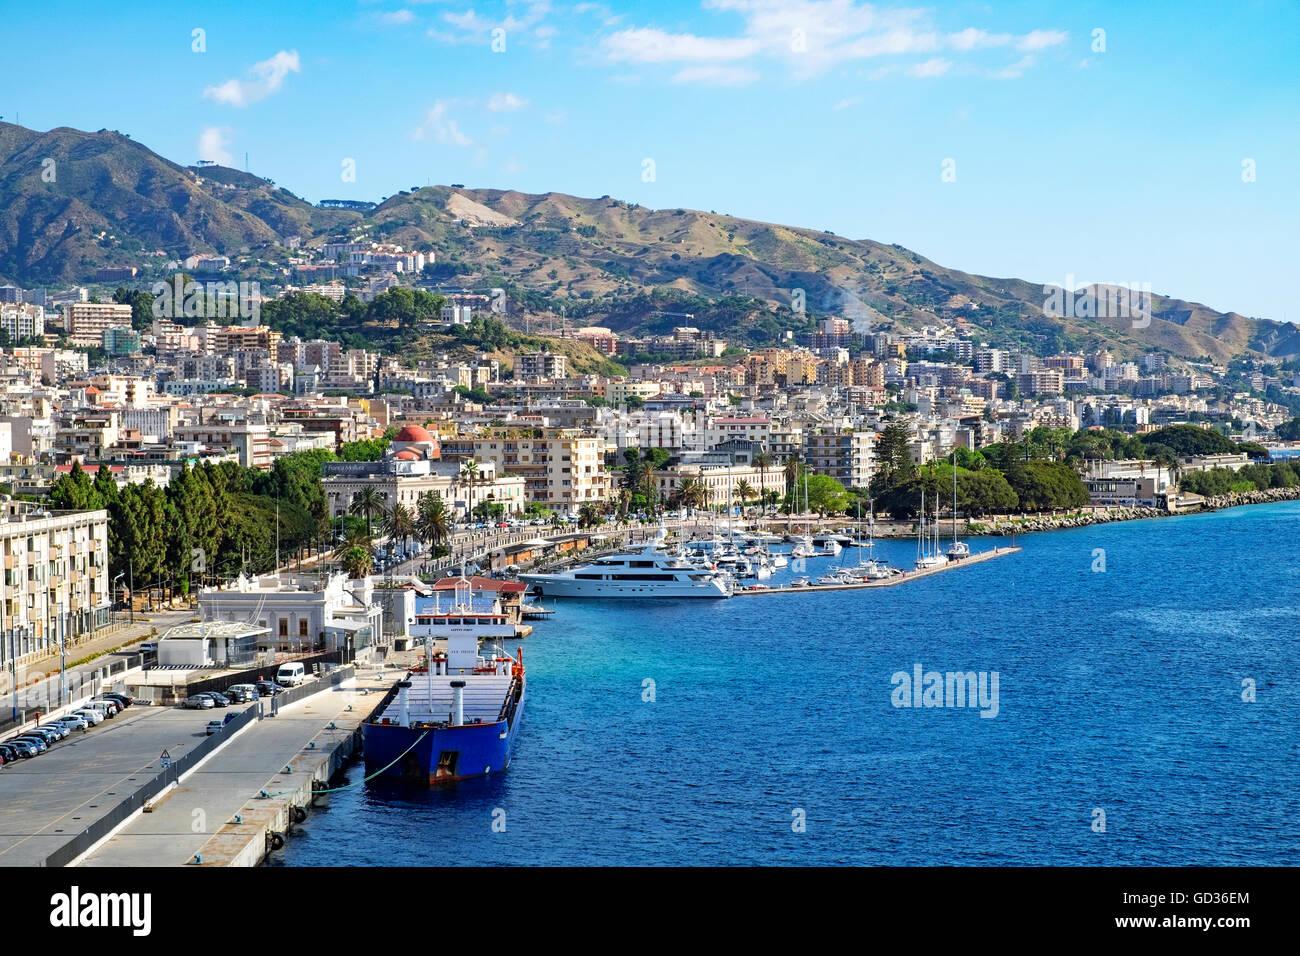 Der Hafen in Messina, Sizilien, Italien Stockbild